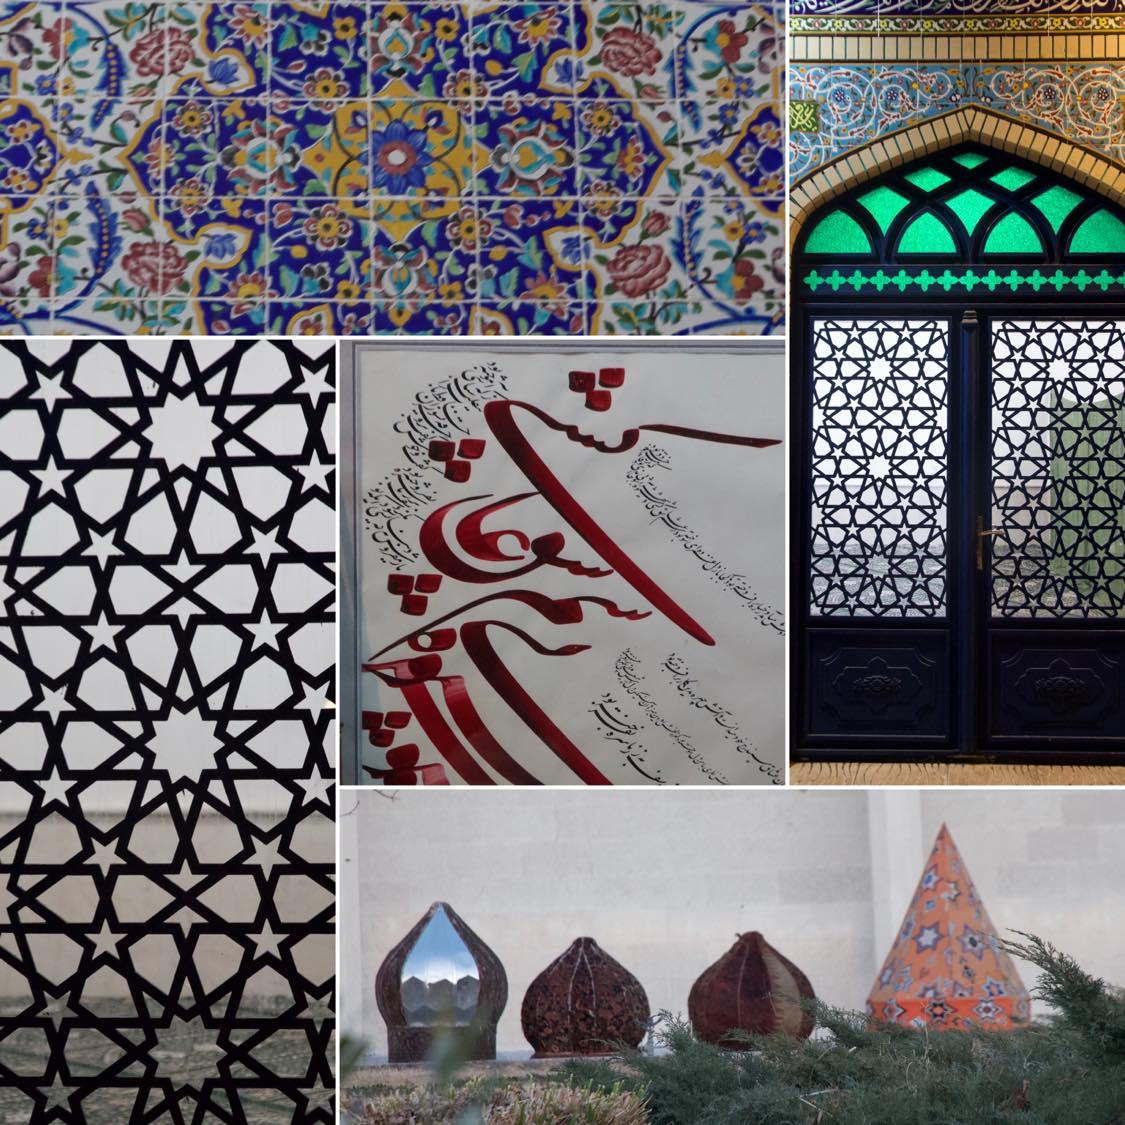 Muster, Fließen, Kacheln, Ornamente in Tehran